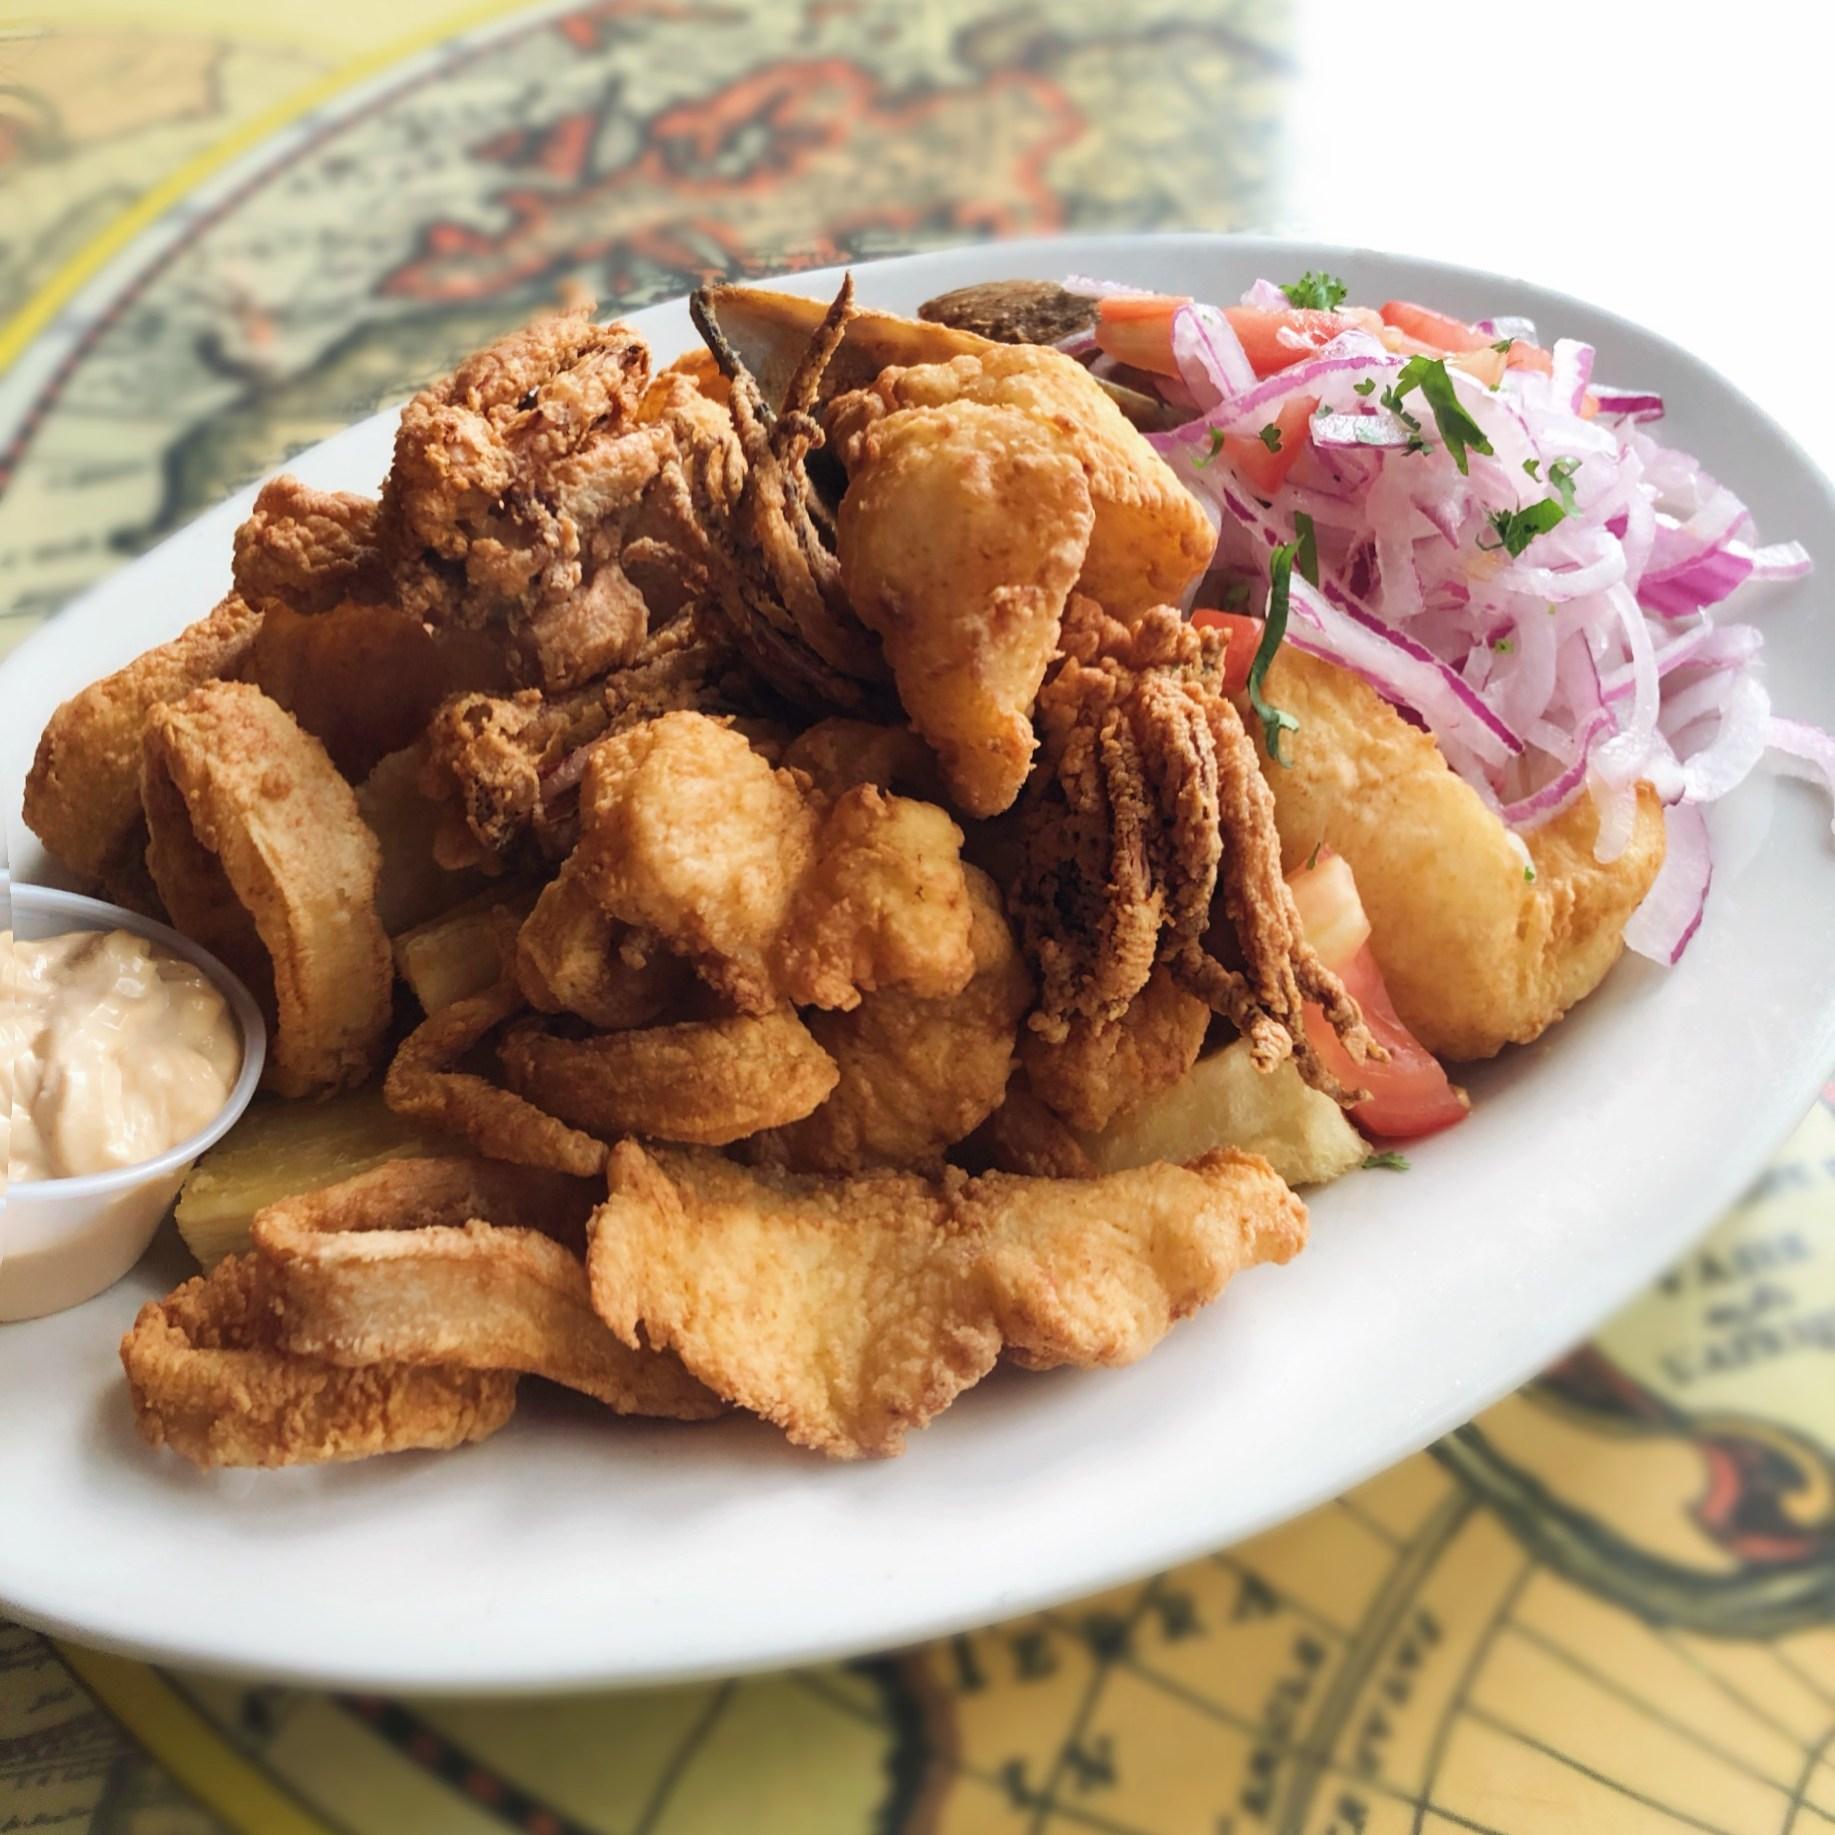 Jalea Mixta fried seafood platter